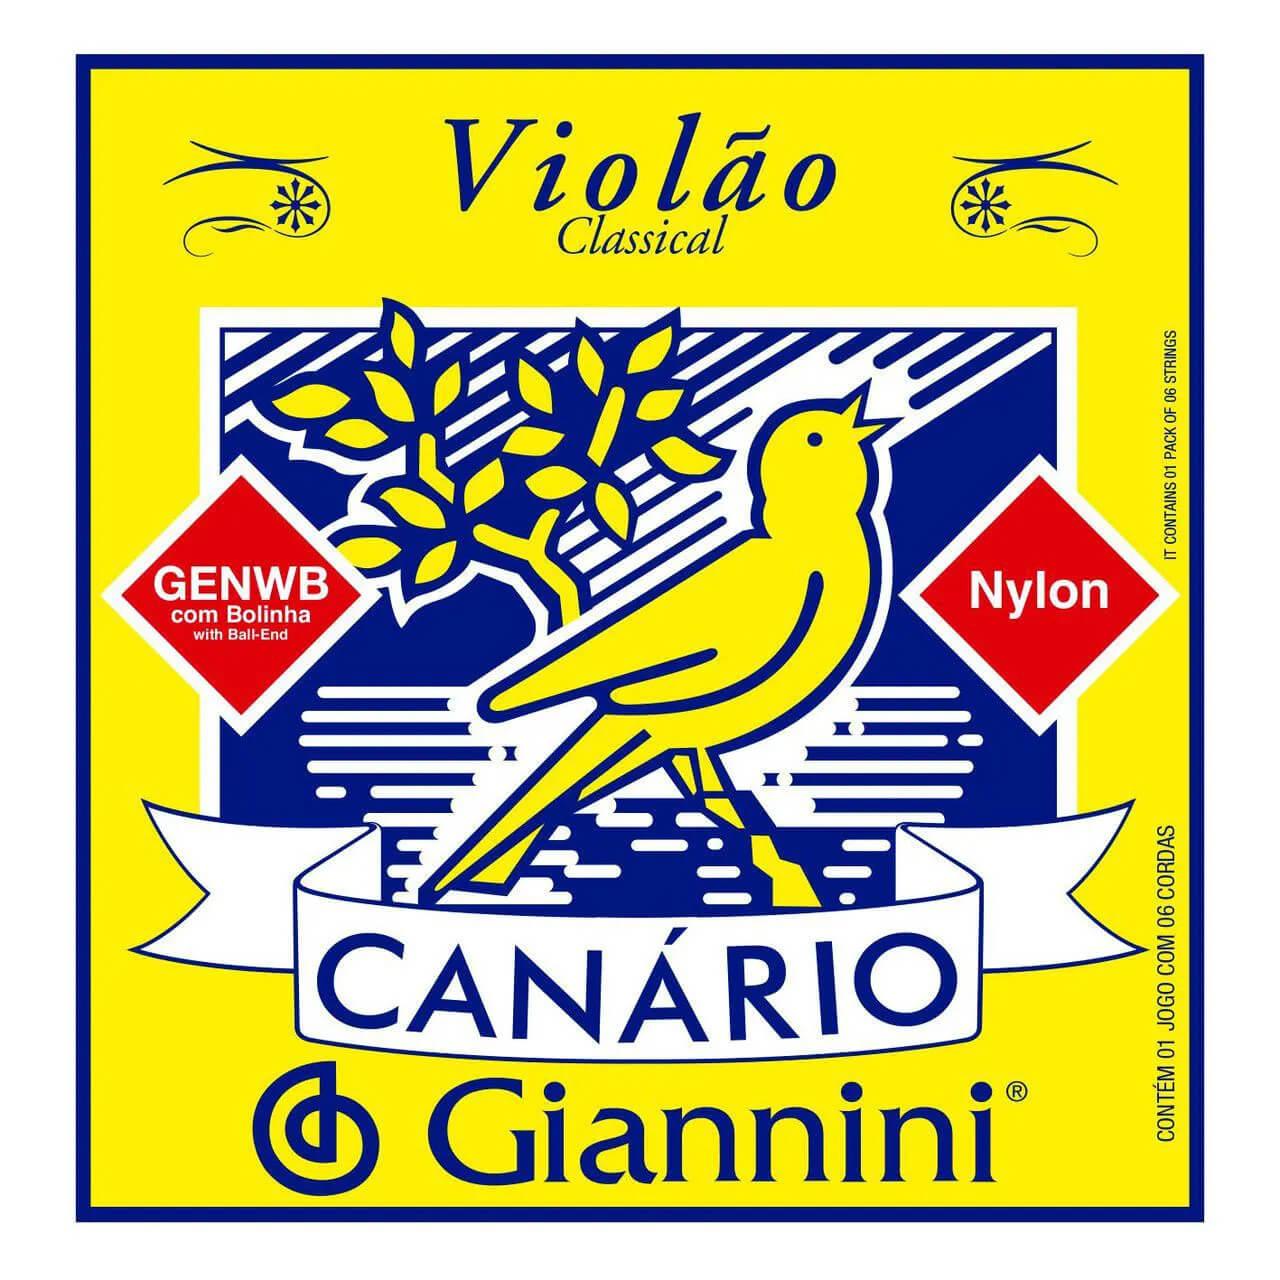 Kit 2 Encordoamentos Violão Nylon Canário Giannini GENWB